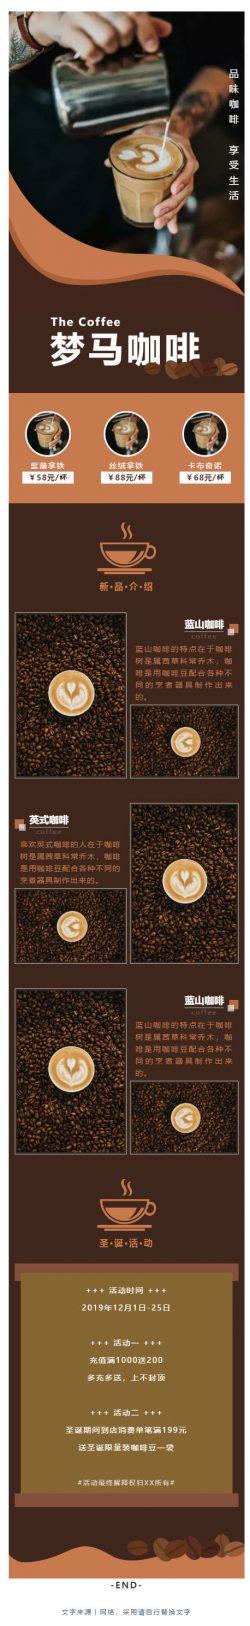 新店开业饮品咖啡店开业活动点赞集赞推文模板优秀公众号推送文章